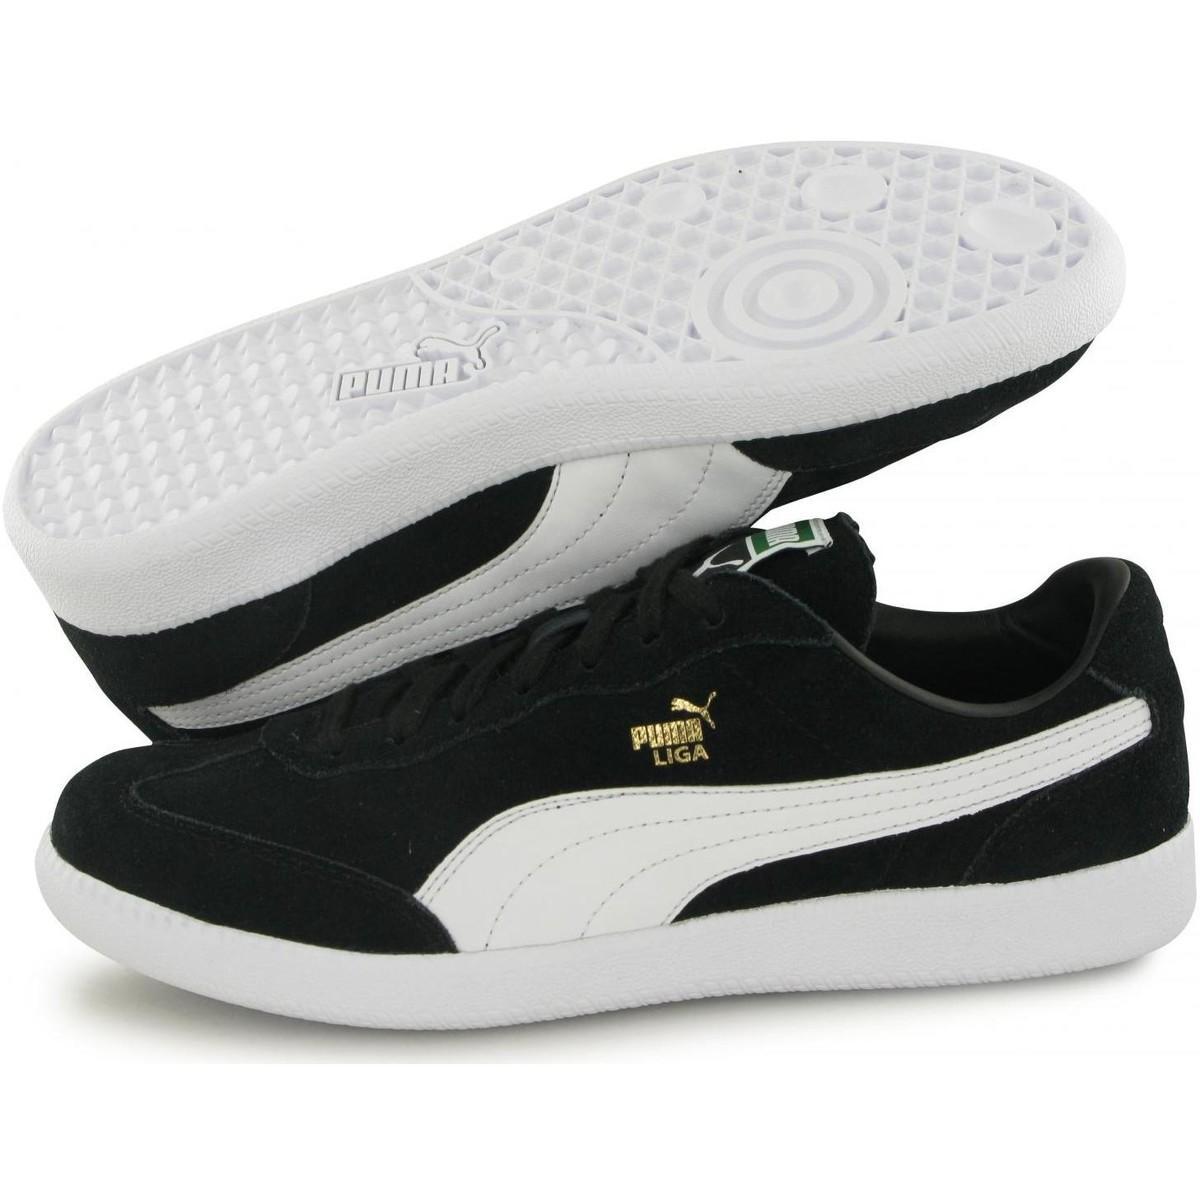 Baskets Liga Suede Chaussures PUMA pour homme en coloris Noir - Lyst